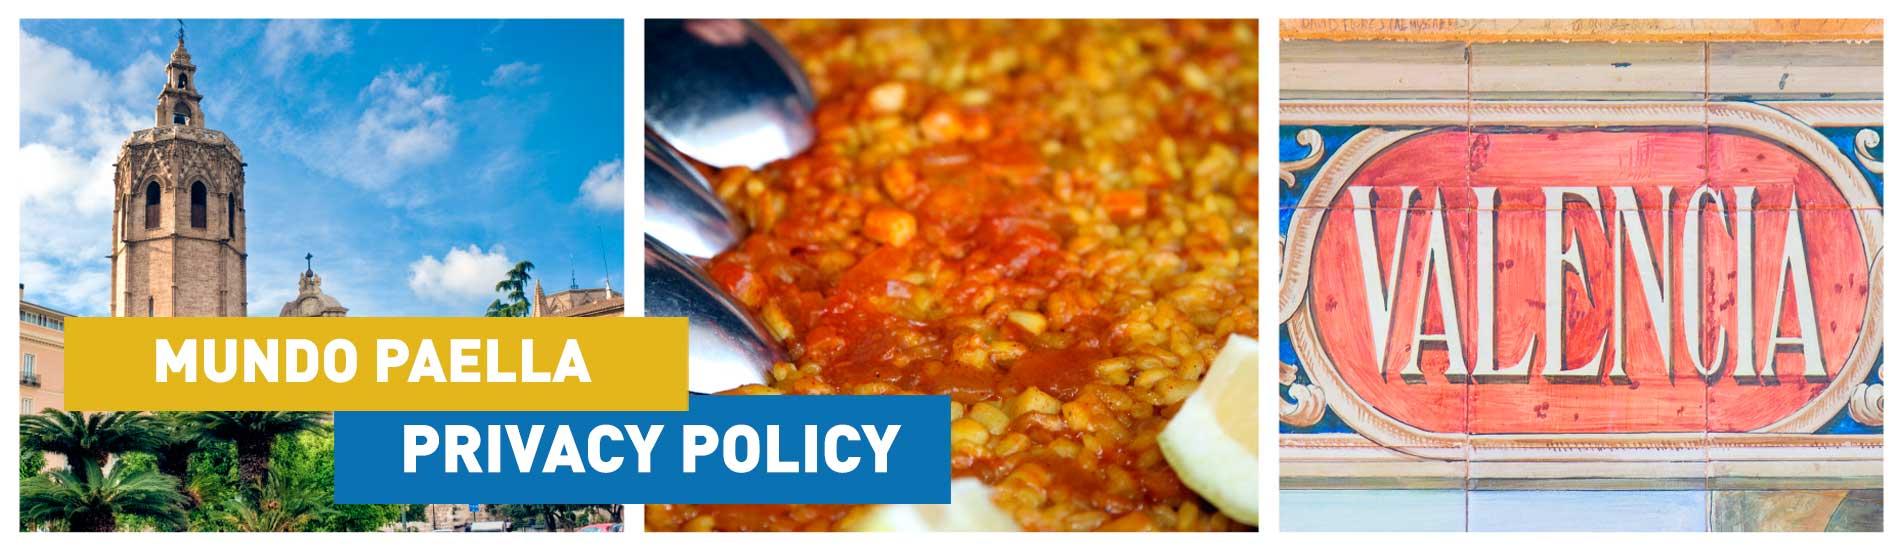 politica de privacidad originalpaella.es